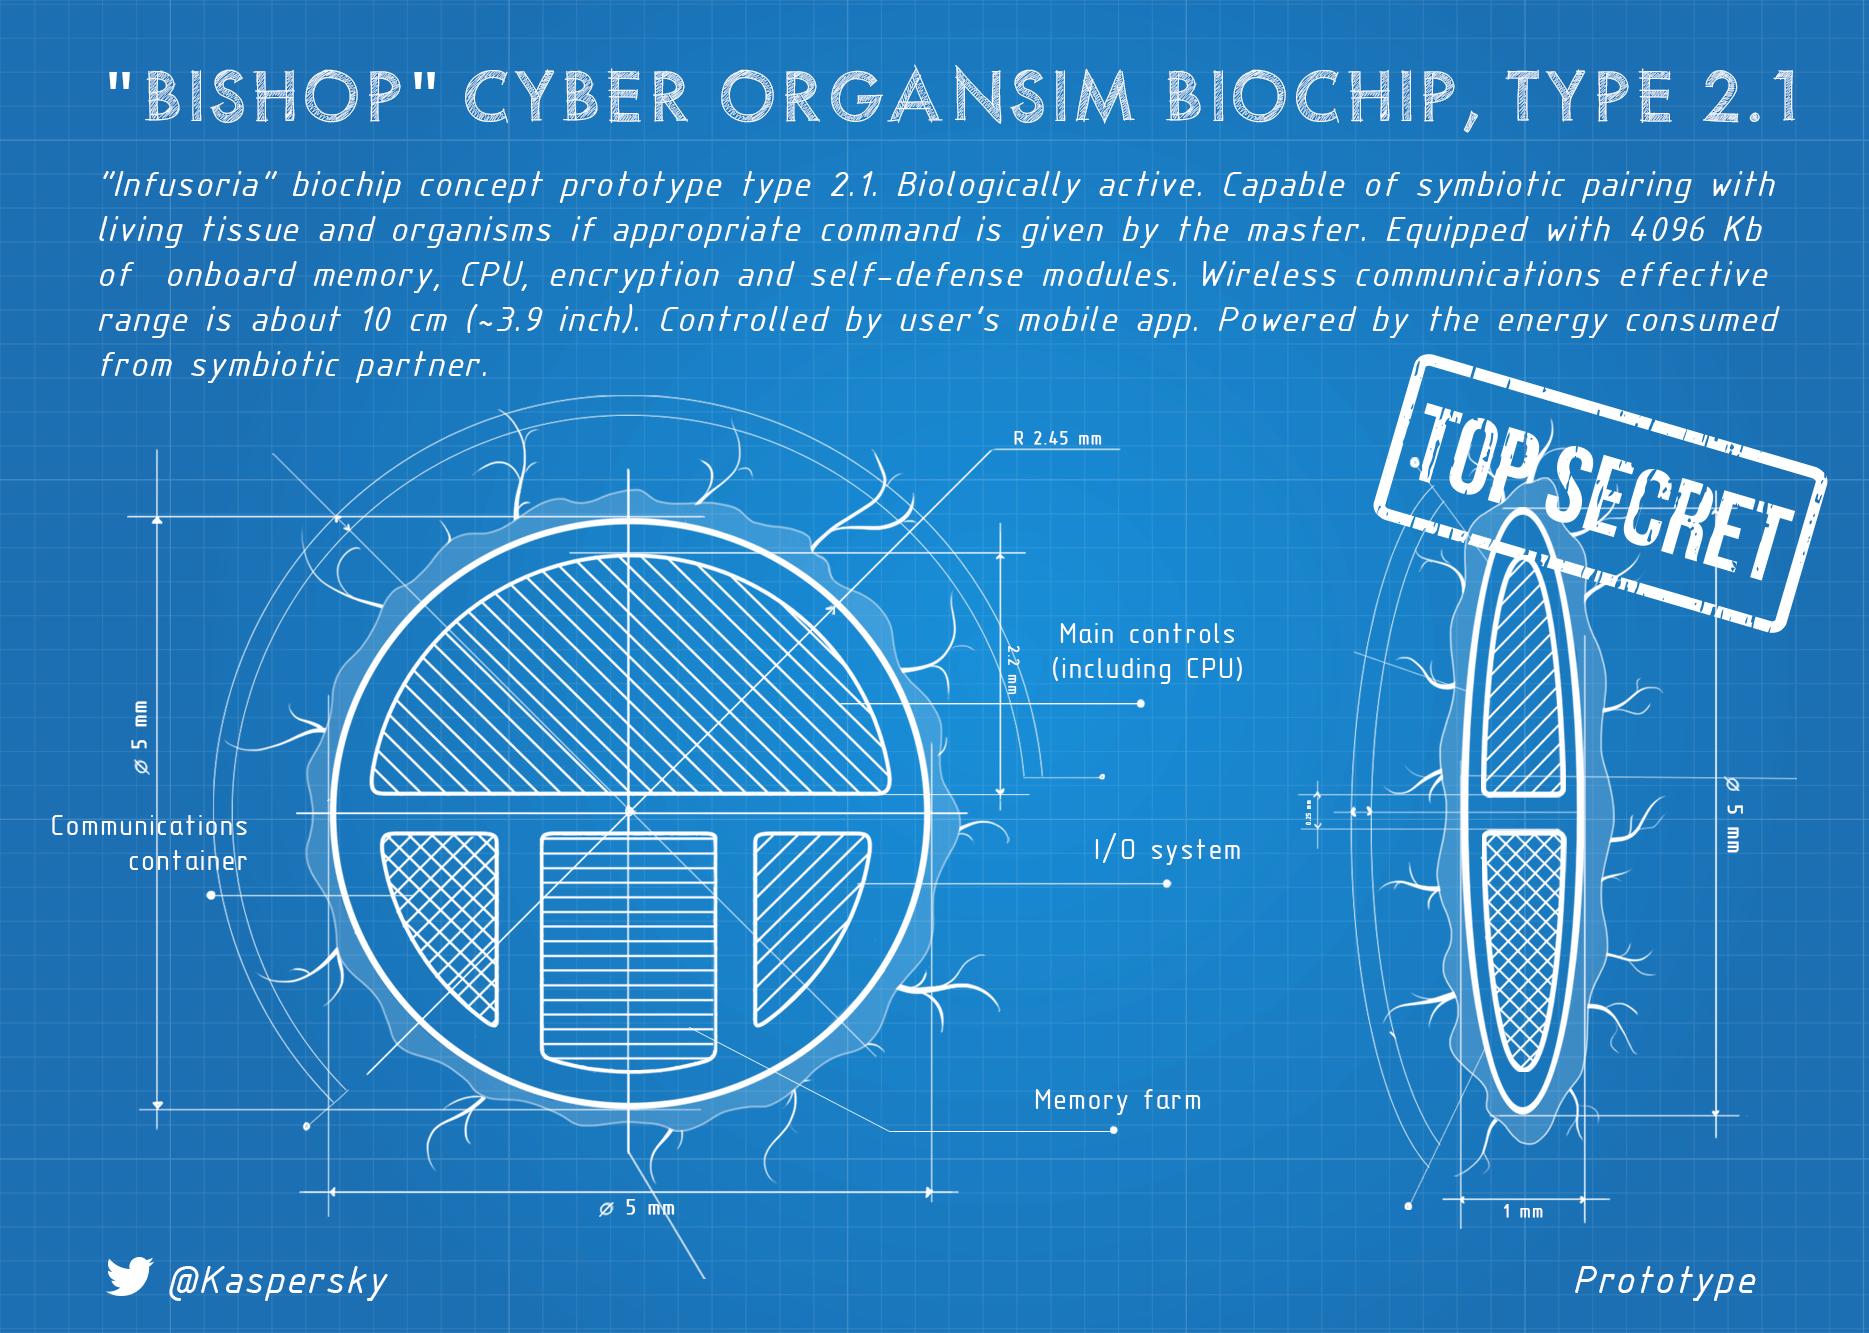 Biochip future concept type 2.1